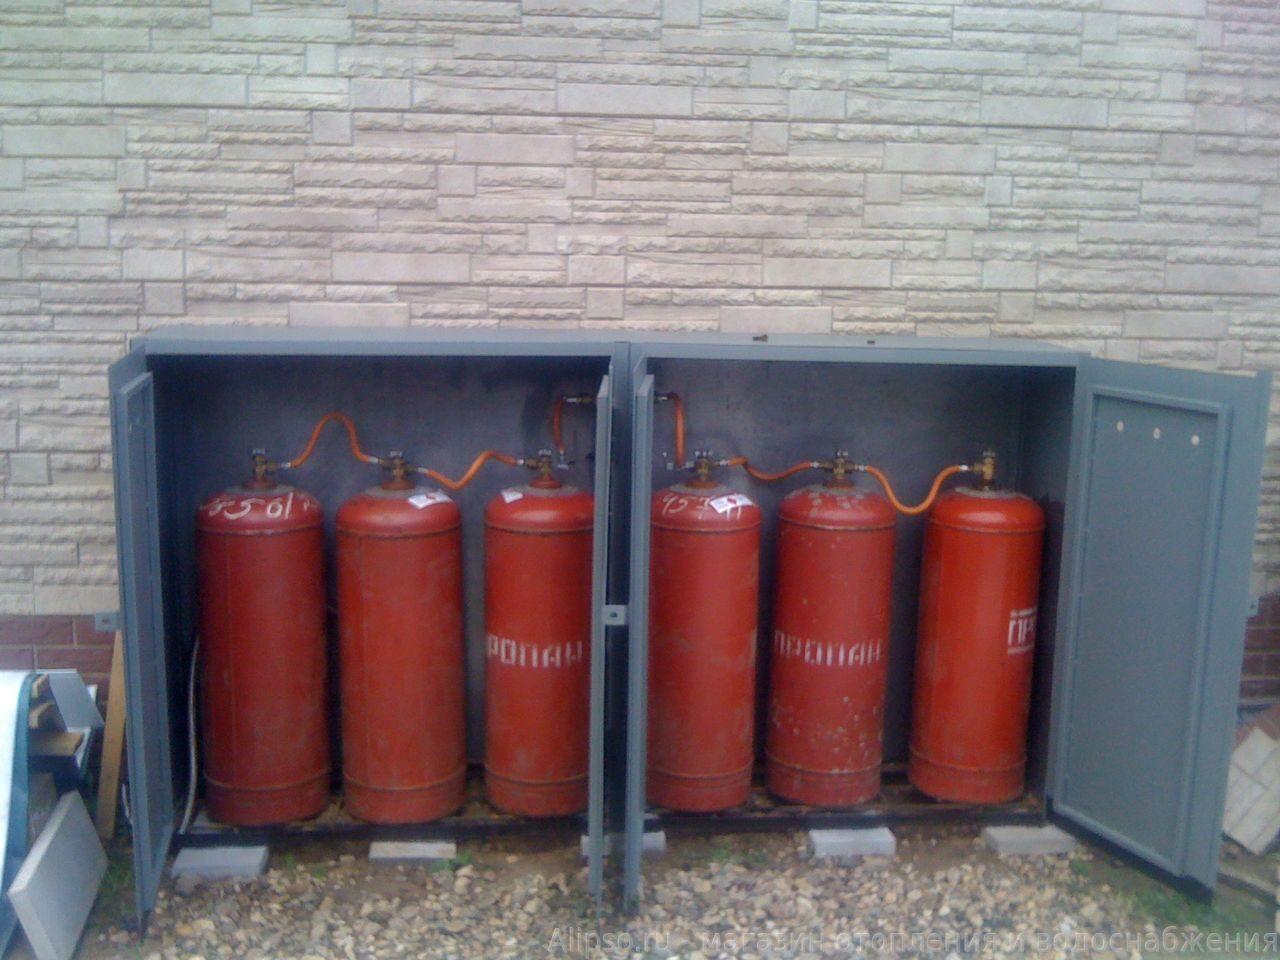 Схема подключения газового баллона на улице